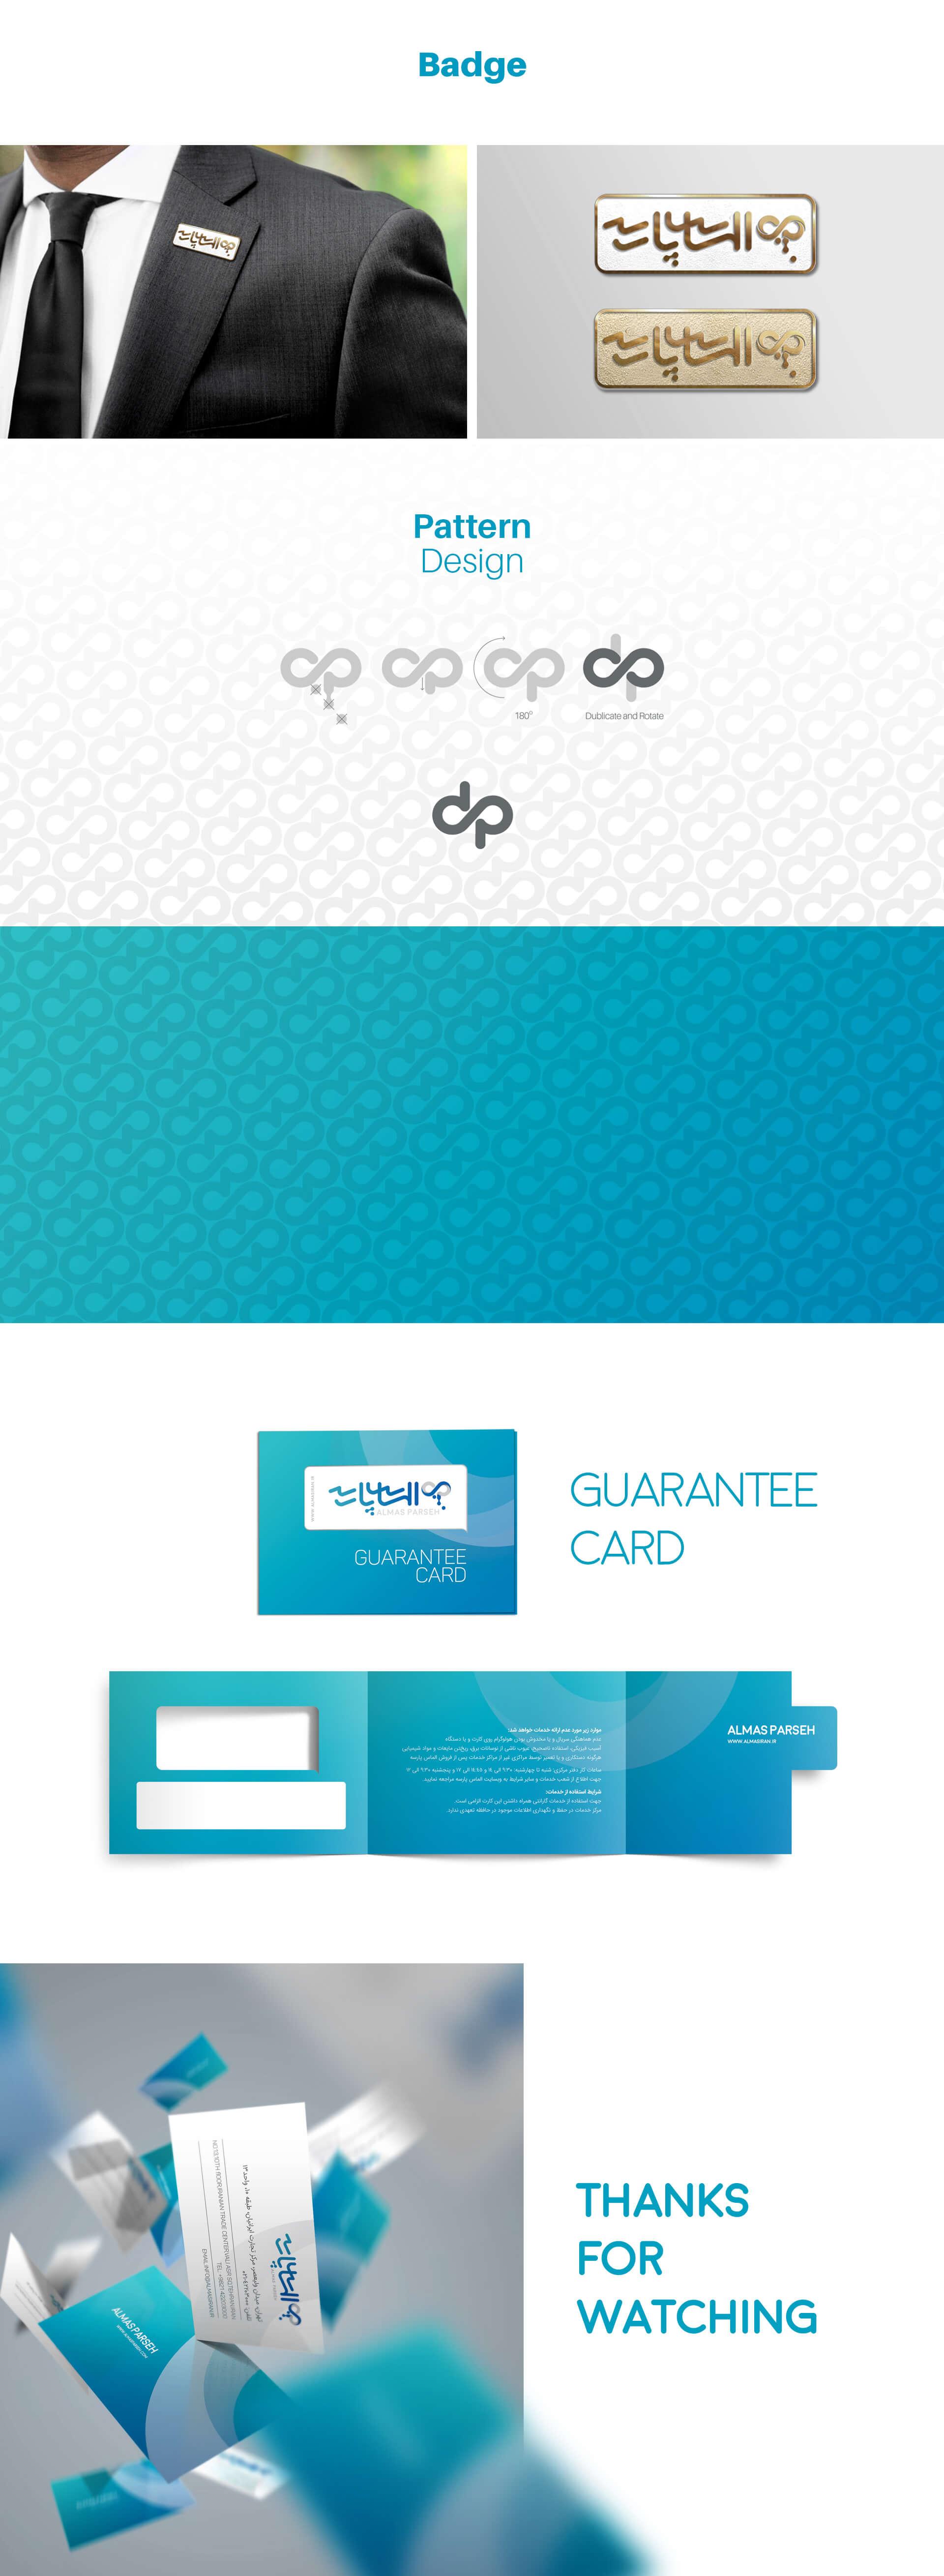 هویت بصری فروشگاه اینترنتی الماس پارسه 3، فروشگاه اینترنتی الماس پارسه ، هویت بصری، طراحی لوگو، طراحی لوگوتایپ، طراحی ست اداری، طراحی شاپینگ بگ، طراحی بسته بندی، طراحی اوراق اداری، شرکت تبلیغاتی الف، طراحی هویت بصری